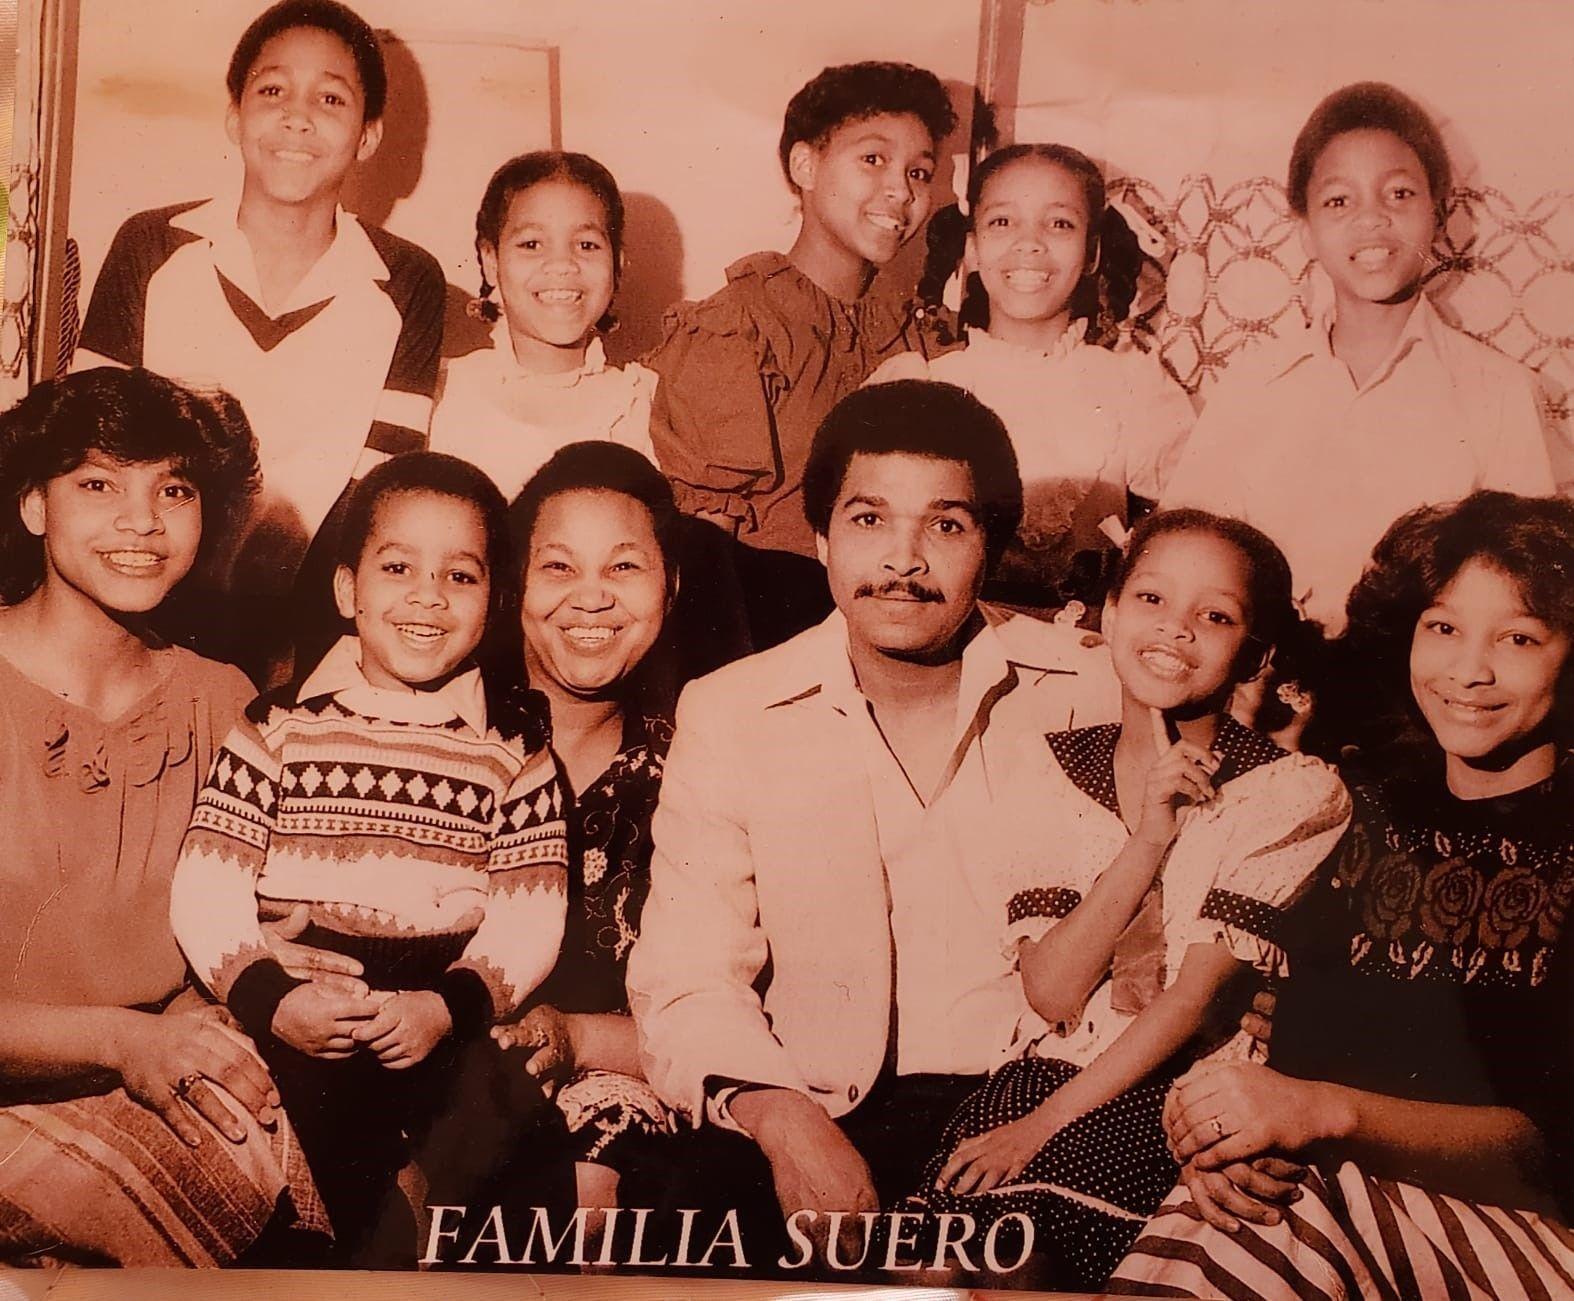 Keyla's family